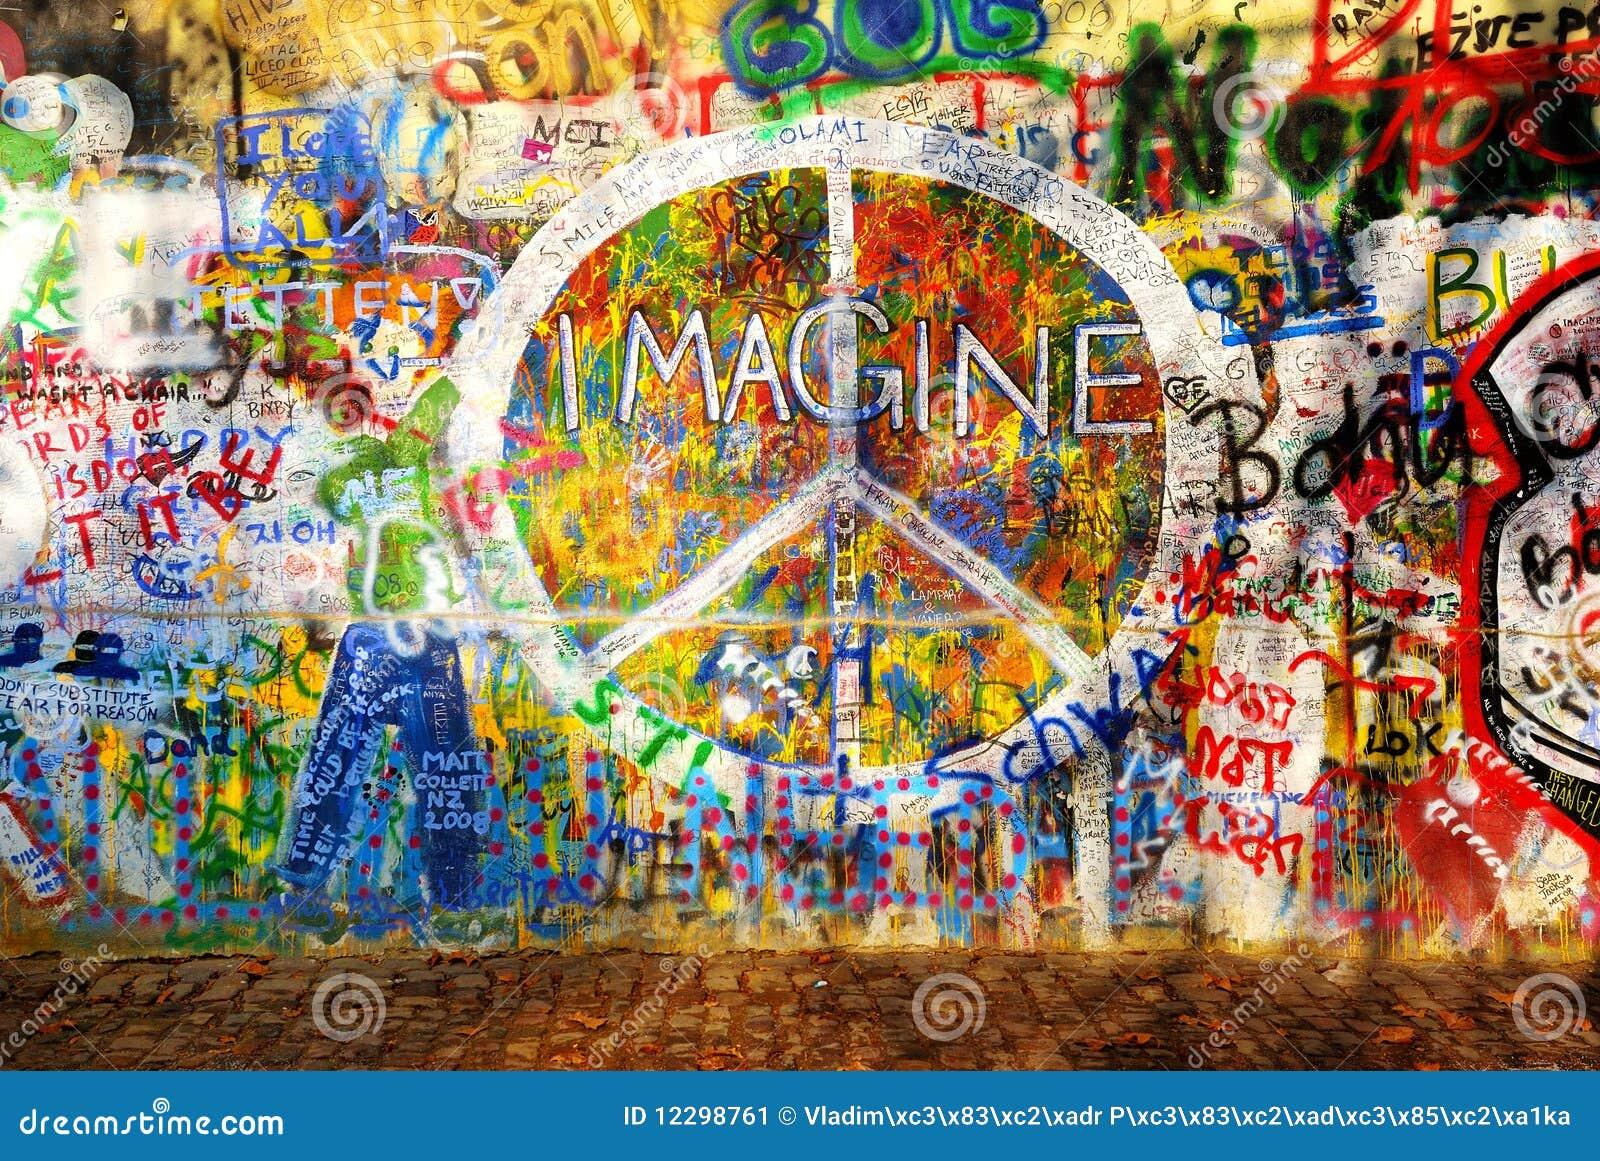 Stellen Sie sich Wand vor